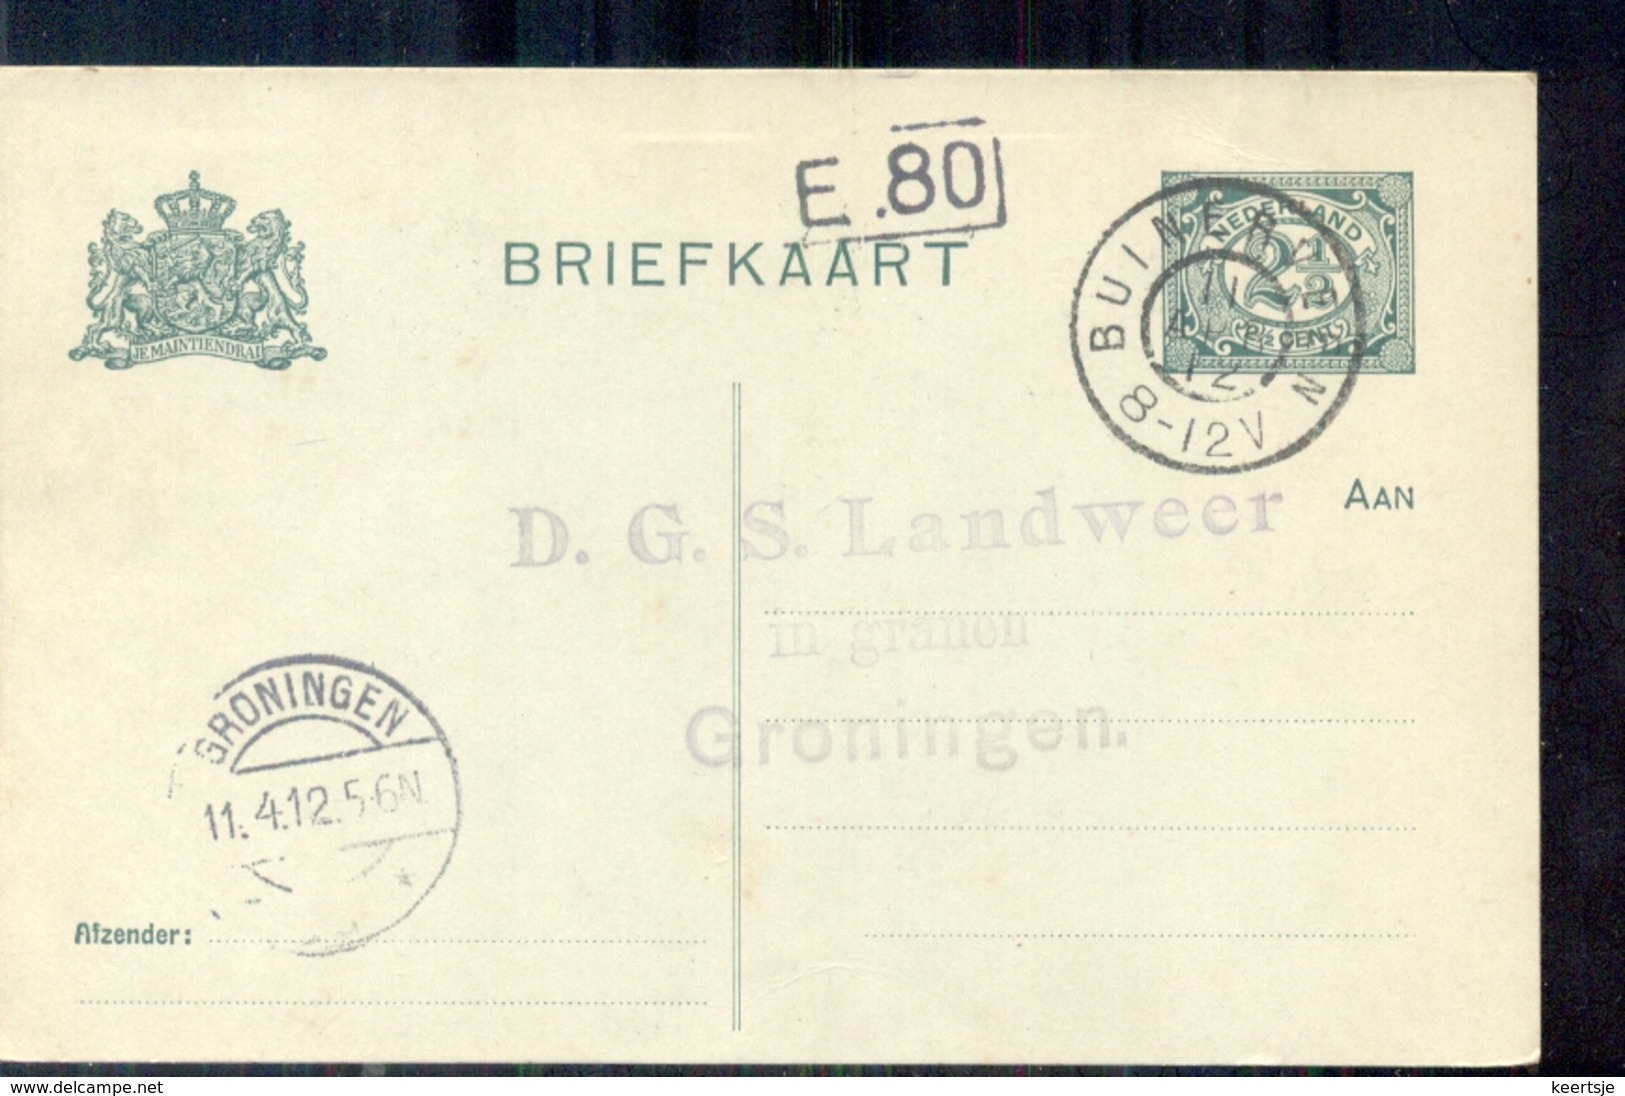 Groningen - D G S Landweer Granen - - - - - - 1912 - 1891-1948 (Wilhelmine)